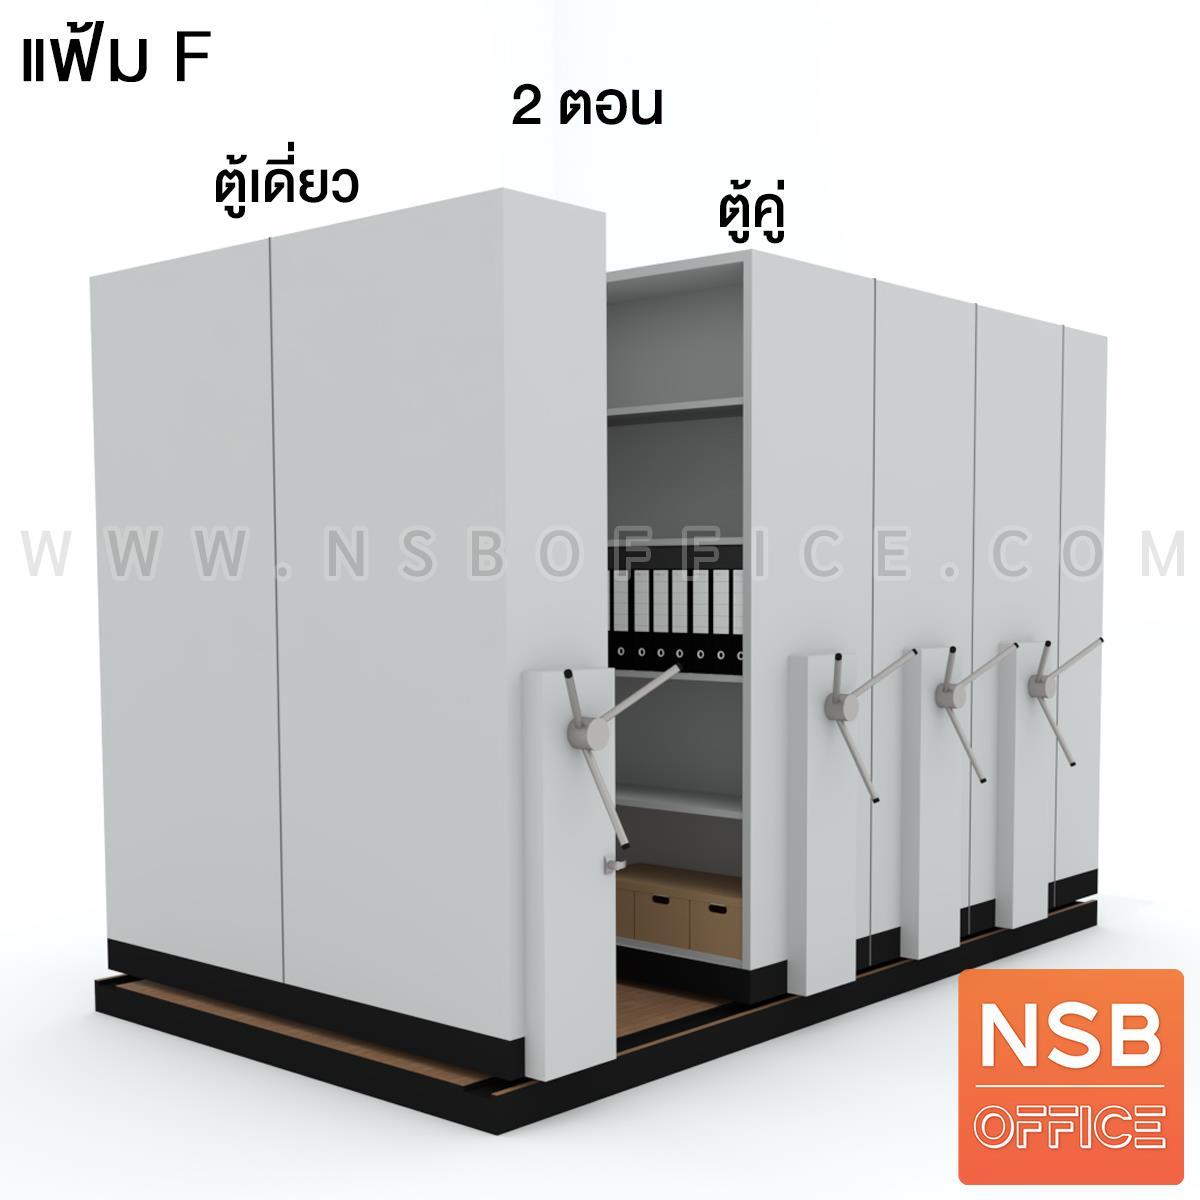 D02A009:ตู้รางเลื่อนแบบพวงมาลัย  2 ตอน  100+100D cm ขนาด 6, 8, 10, 12, 14, 16 ตู้